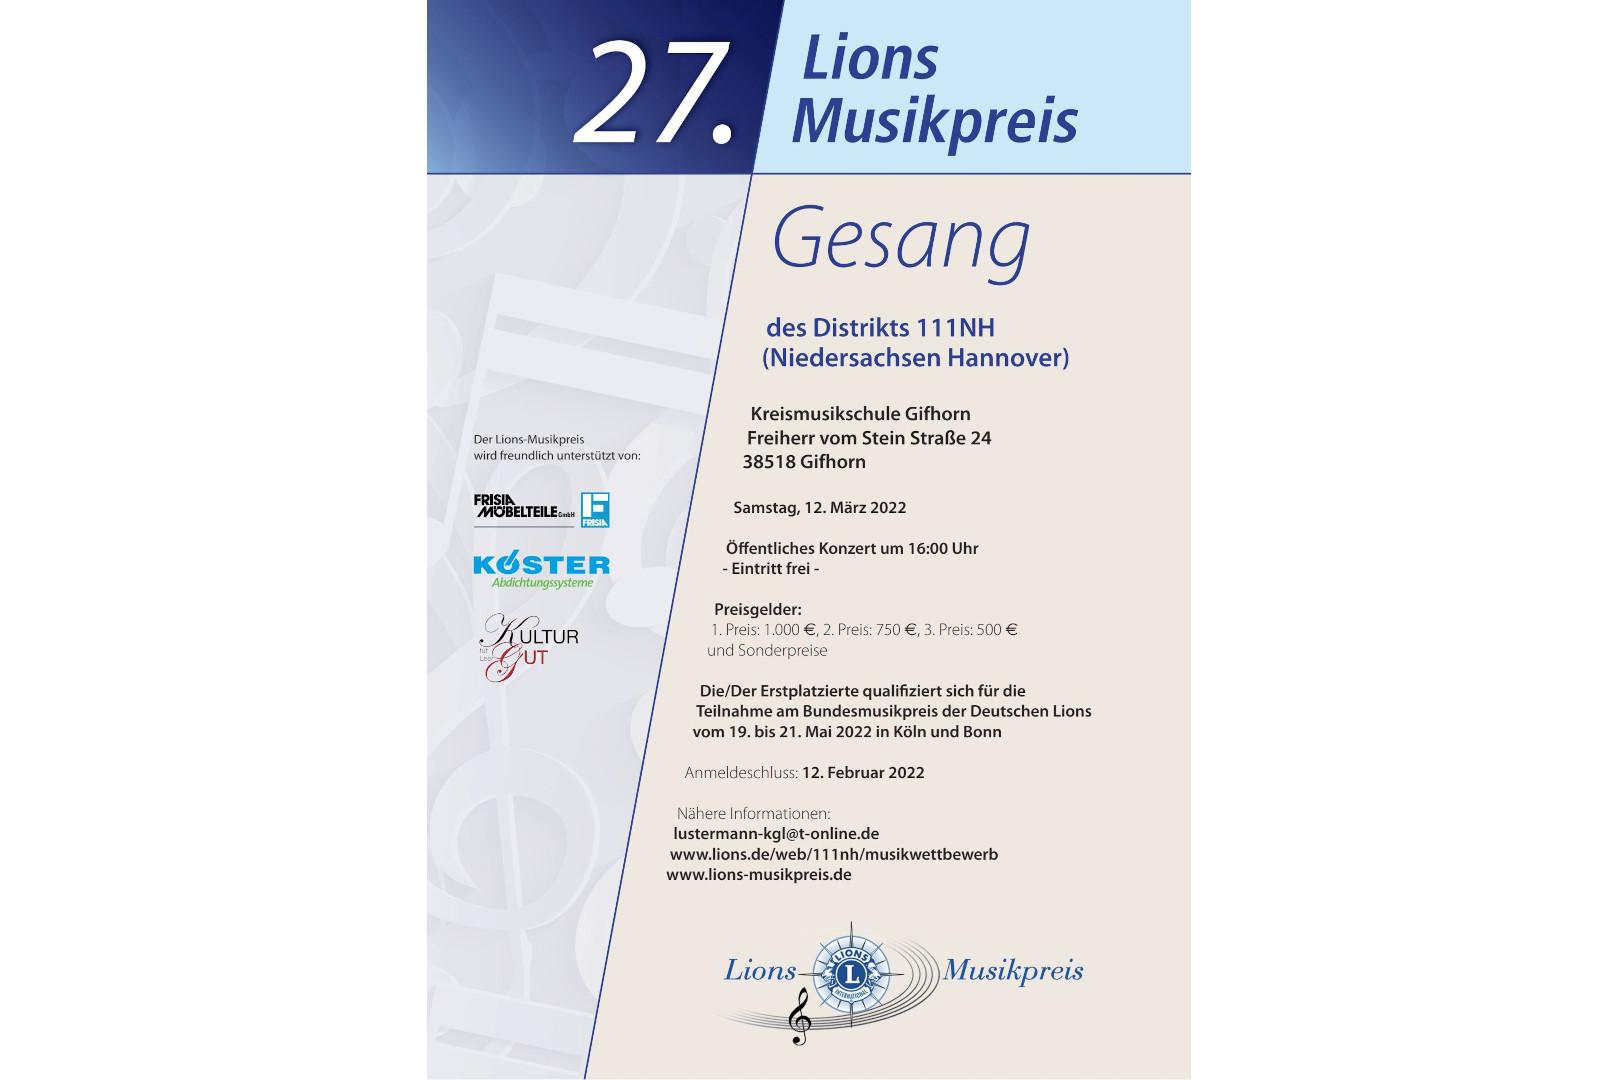 Der 27. Lions Musikwettbewerb mit der Aufgabe Klassischer Gesang